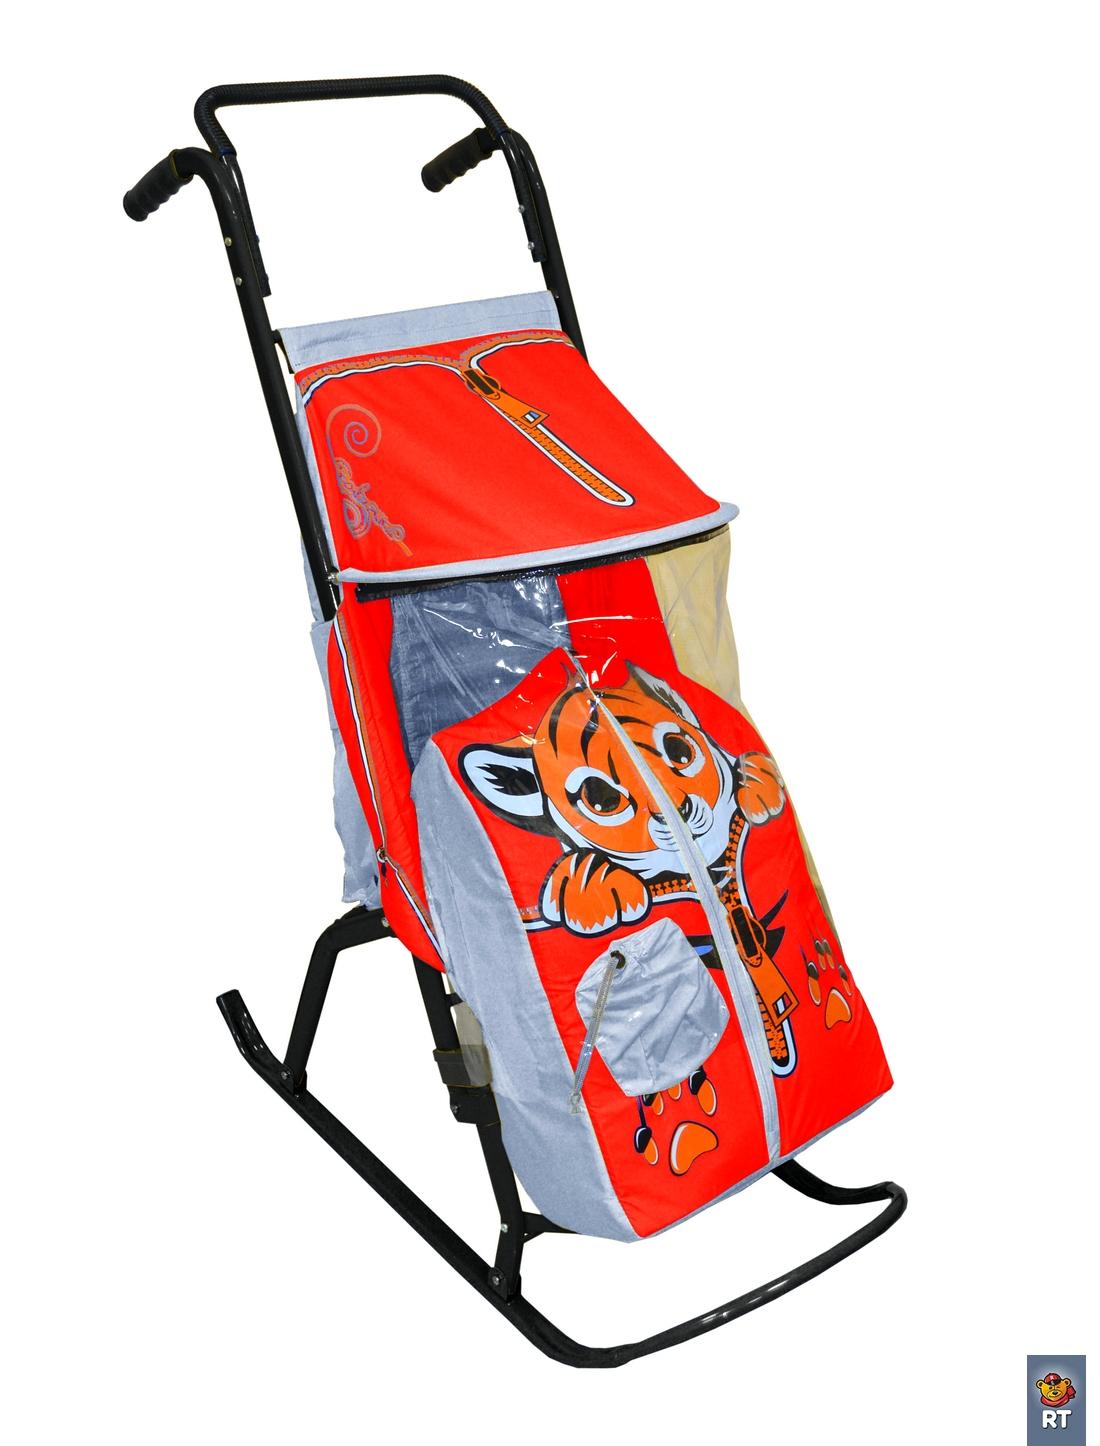 Купить Санки-коляска Снегурочка-2-Р Тигренок, цвет серый, красный, RT